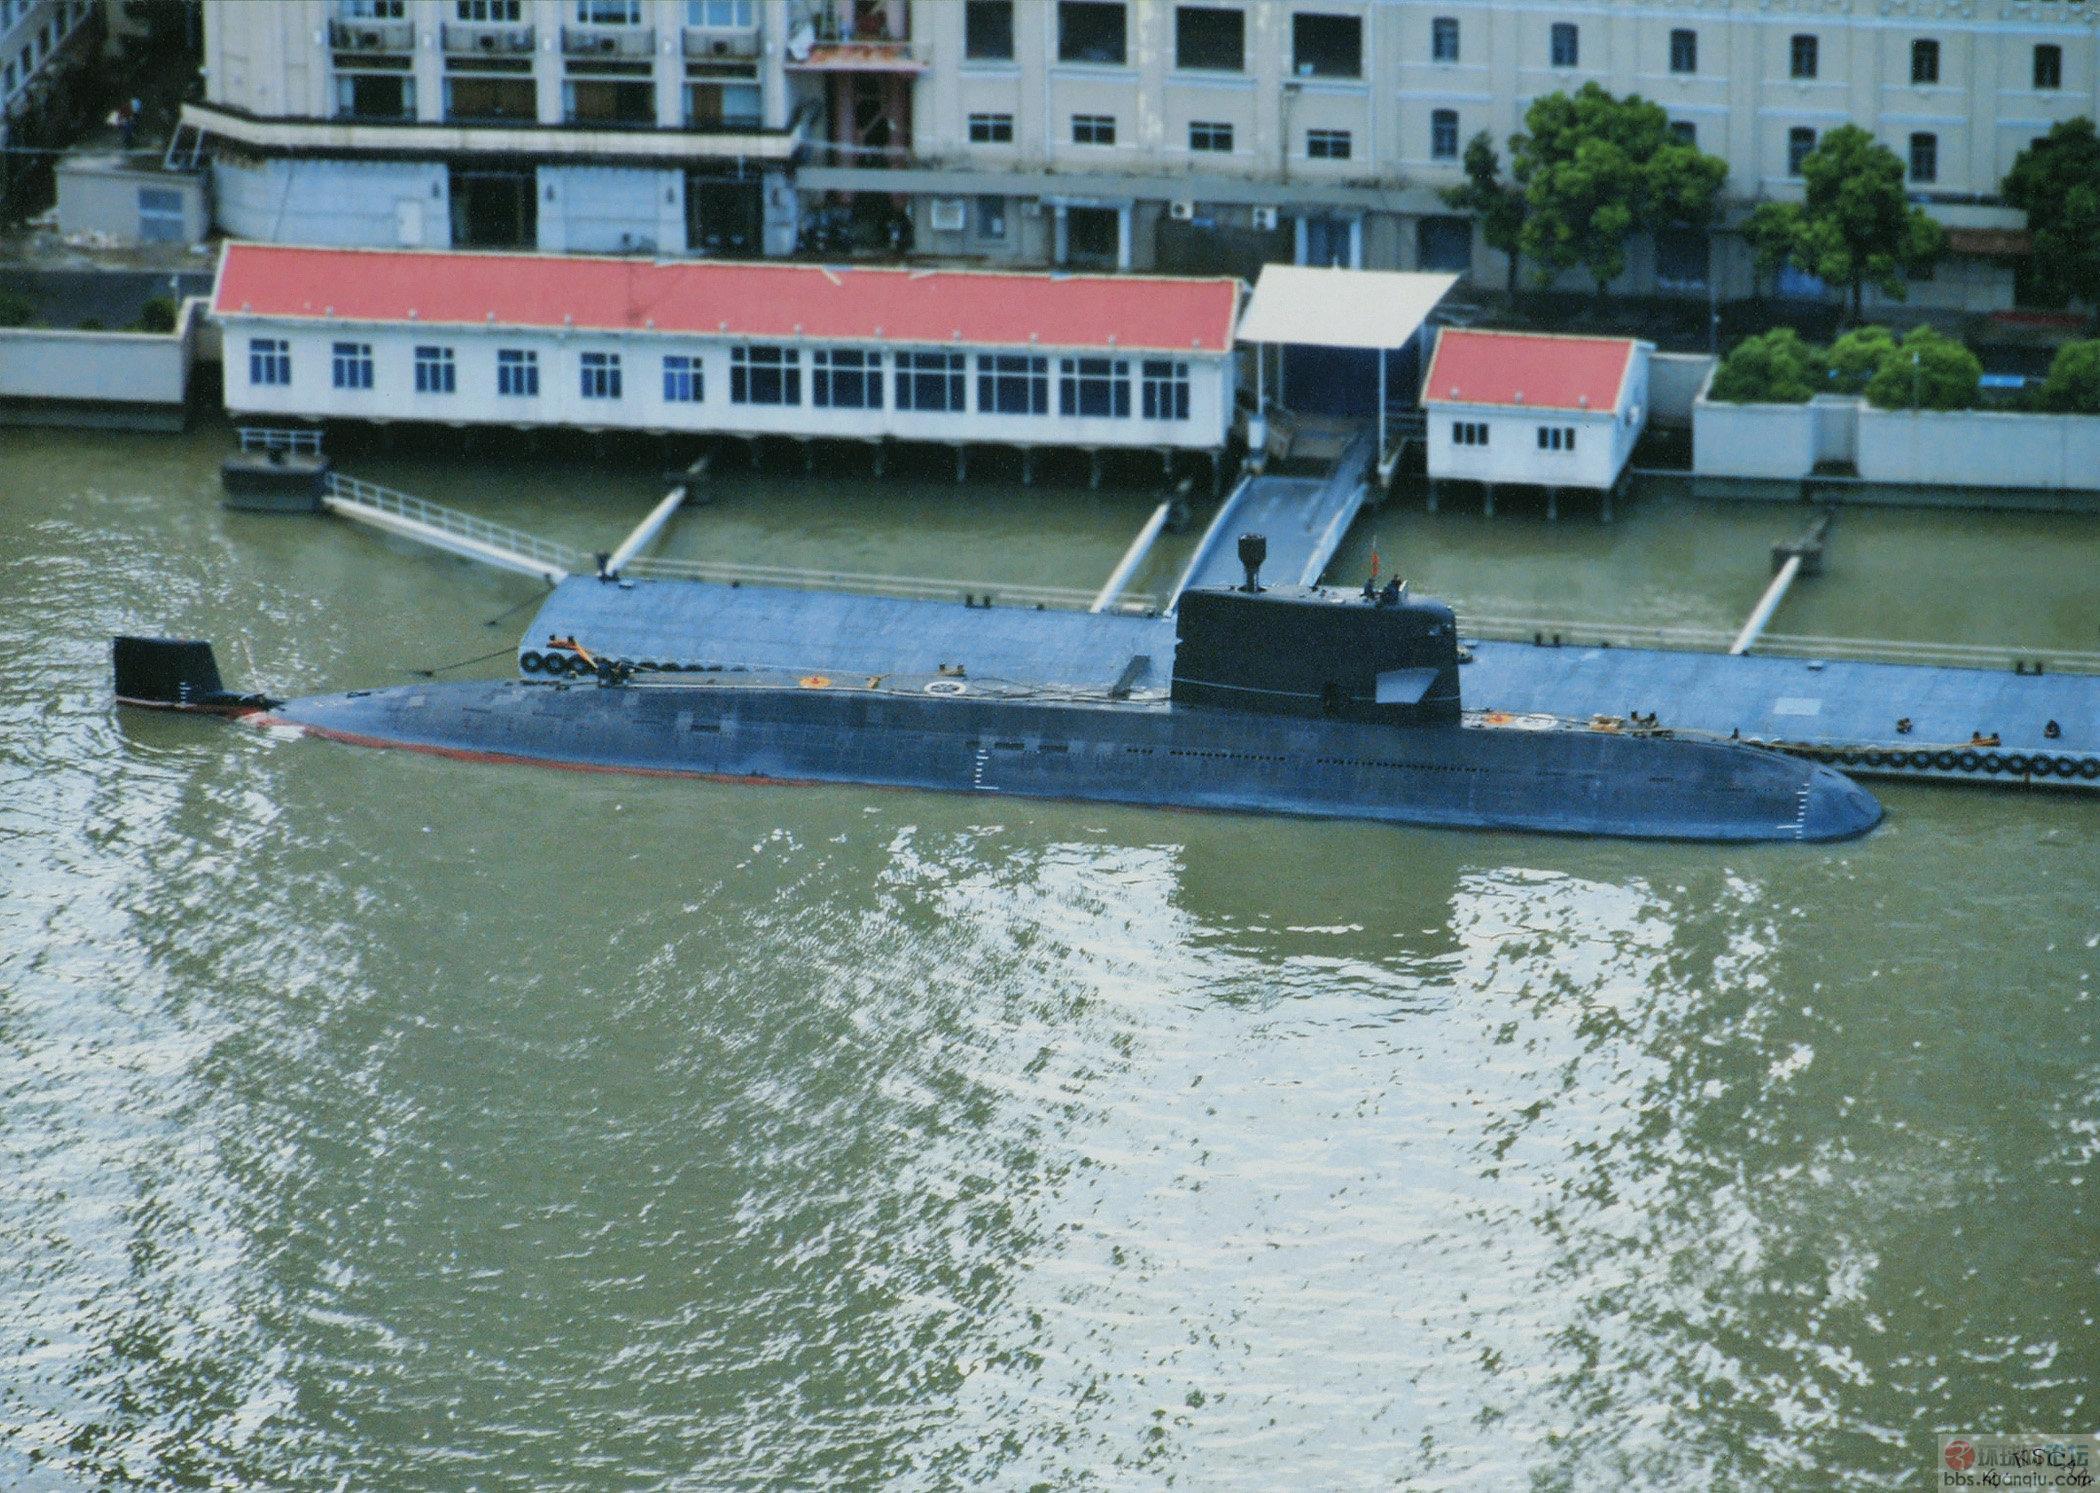 线条优美:俯瞰中国海军最新039A常规潜艇